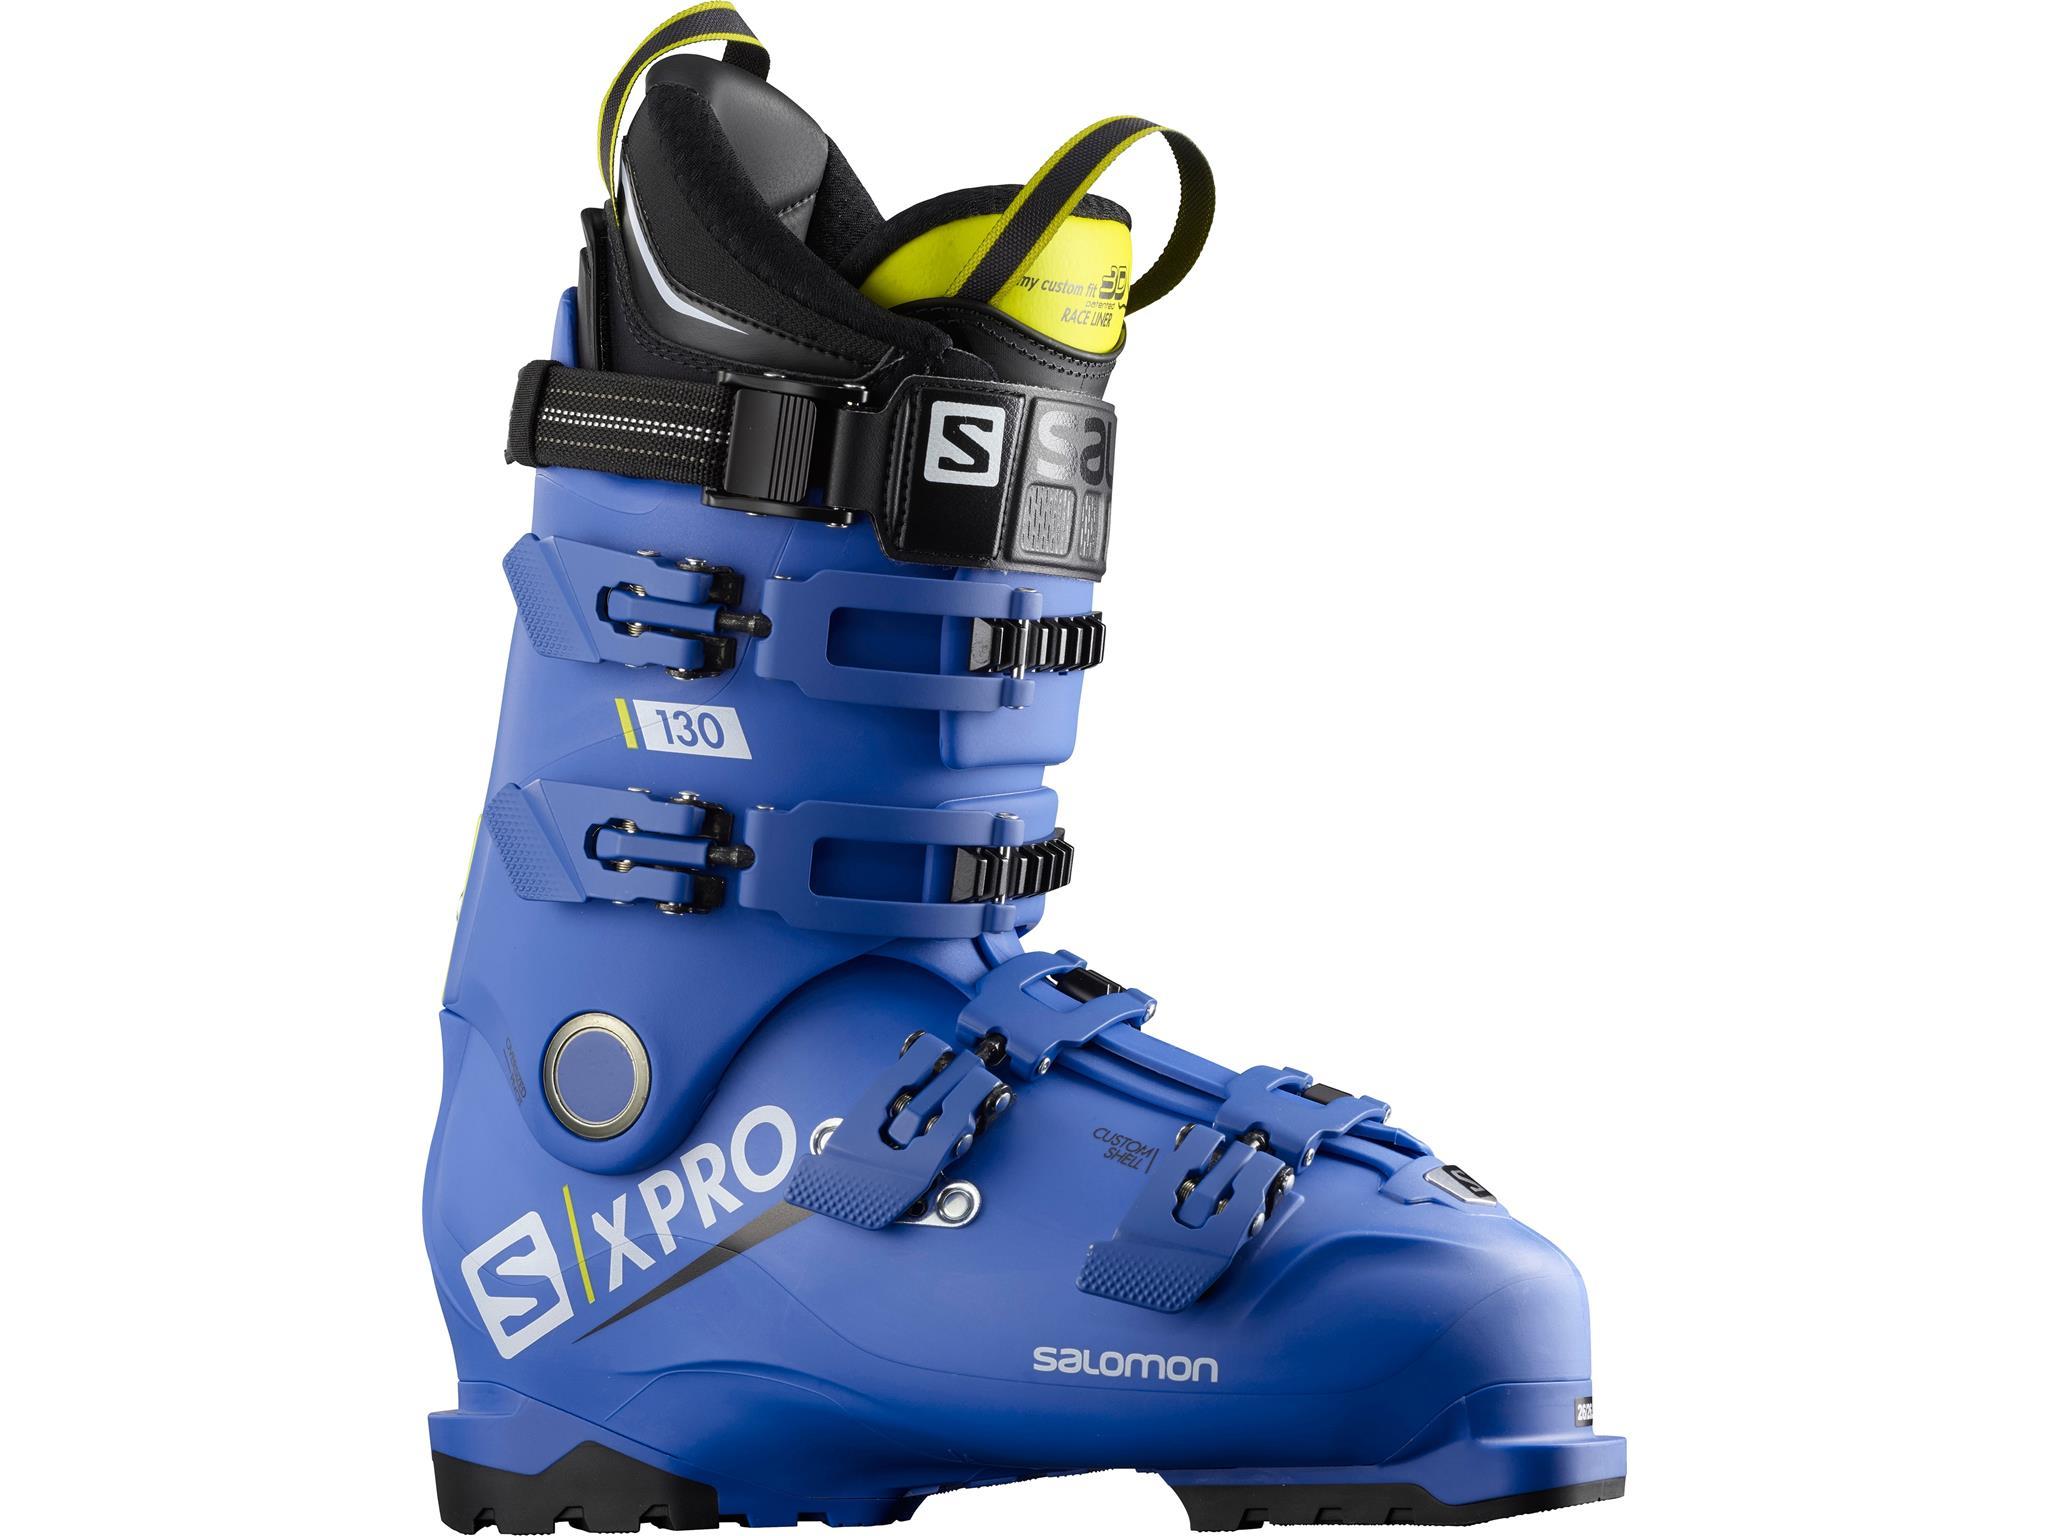 SALOMON X PRO 130 BUTY NARCIARSKIE sklep narciarski